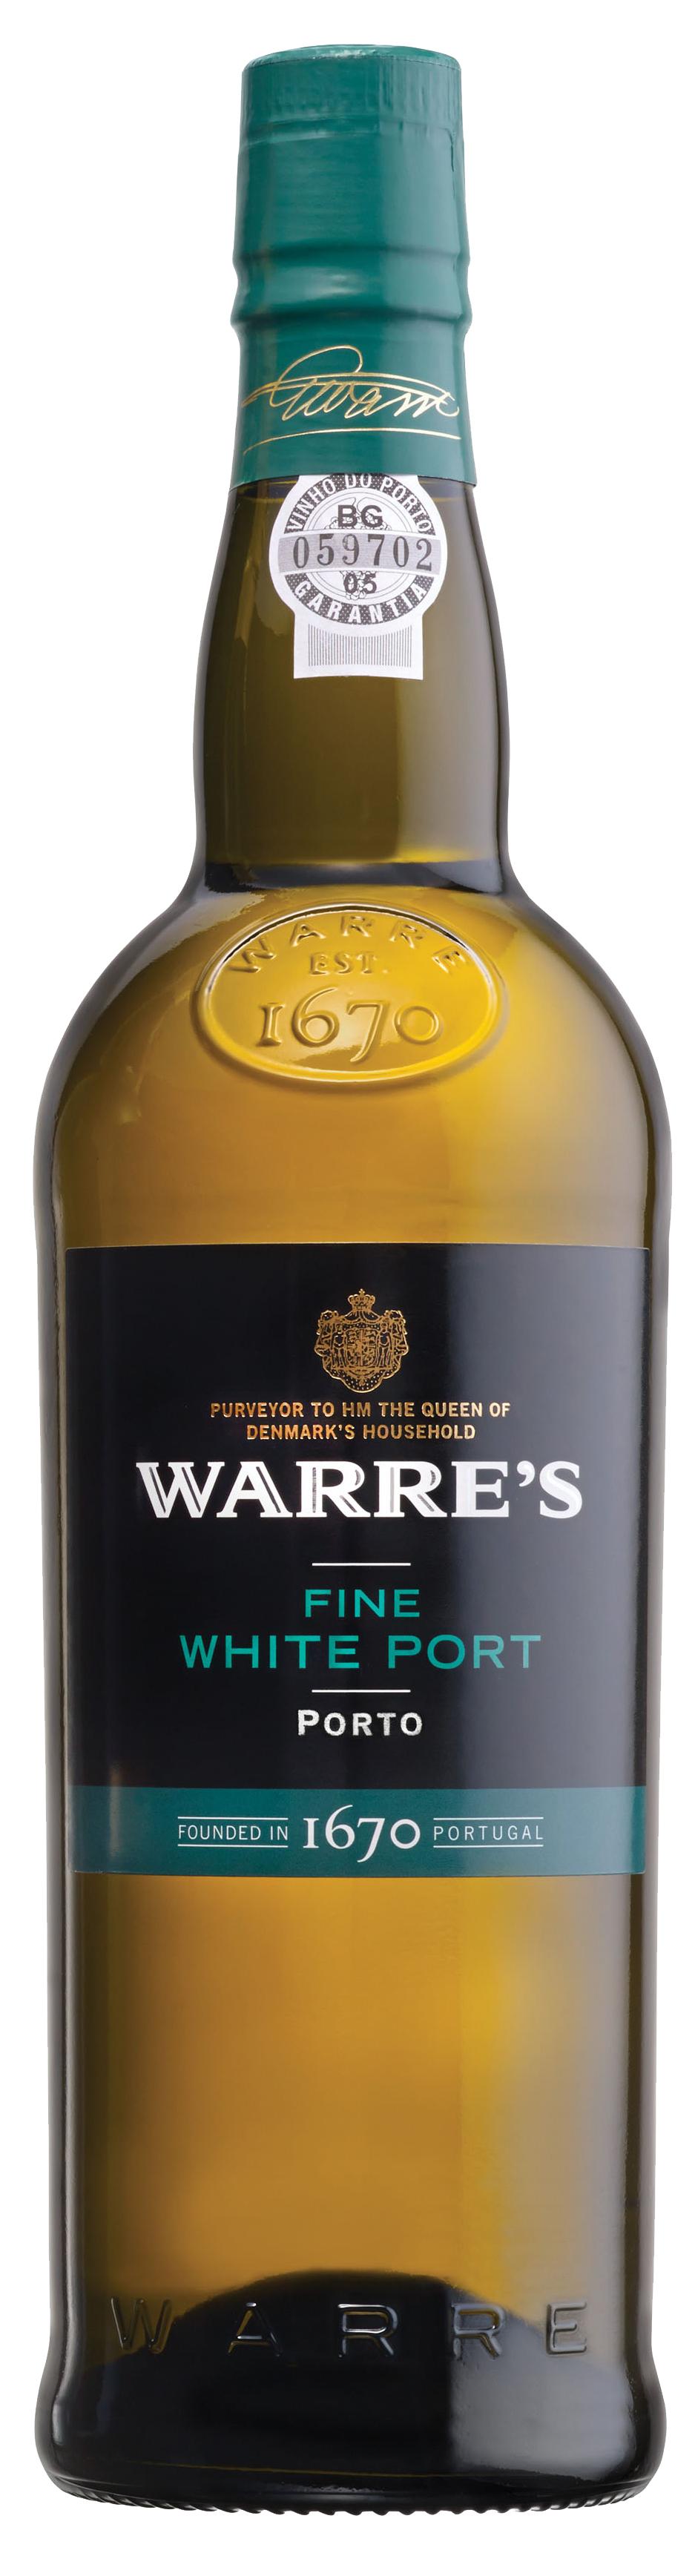 Warre's White Fine Port Bottle.jpg